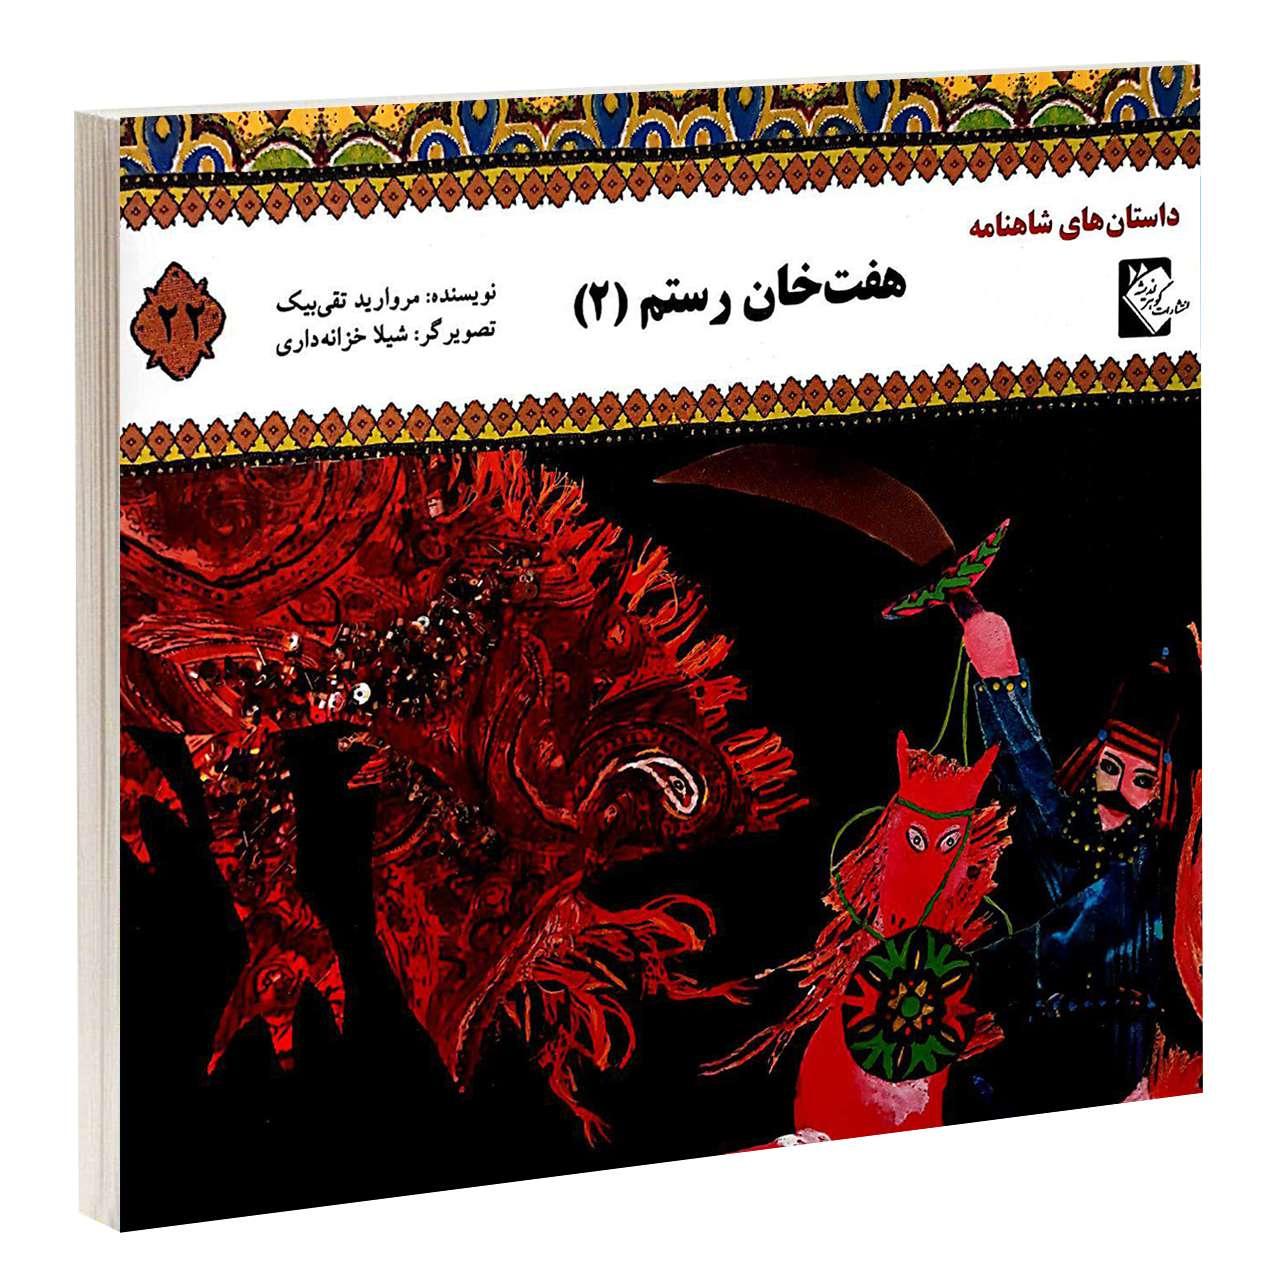 داستان های شاهنامه هفت خان رستم (2) اثر  مروارید تقی بیک انتشارات گوهراندیشه